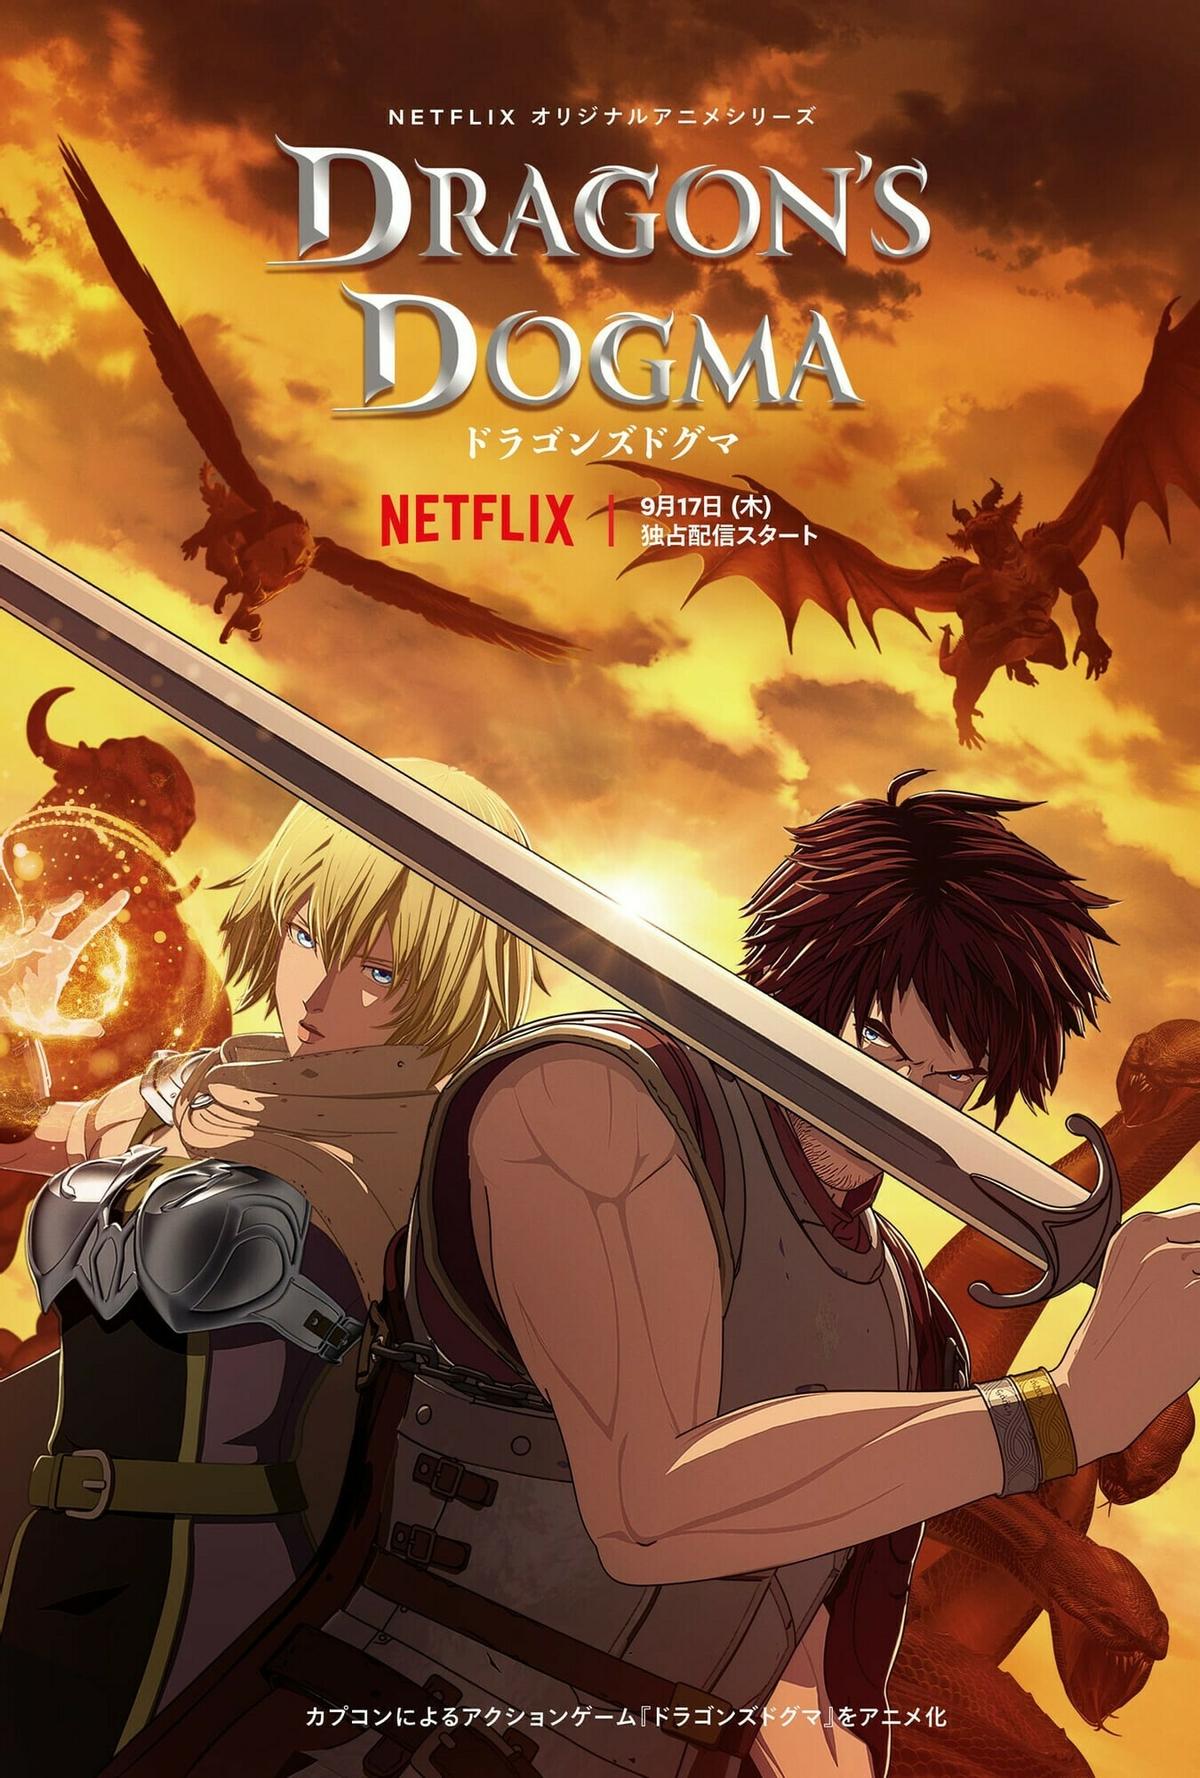 Аниме-адаптация Dragons Dogma от Netflix получила первый трейлер